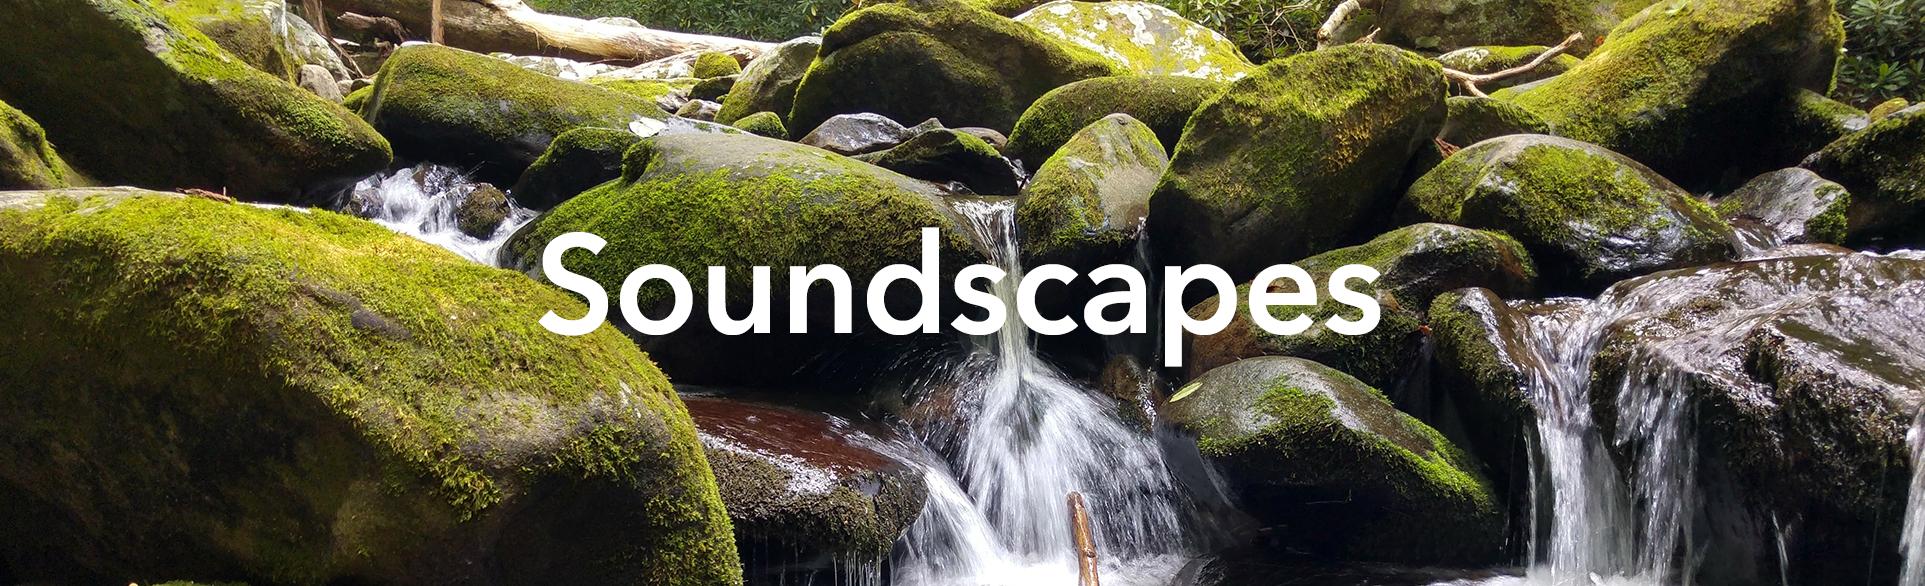 Soundscapes.png